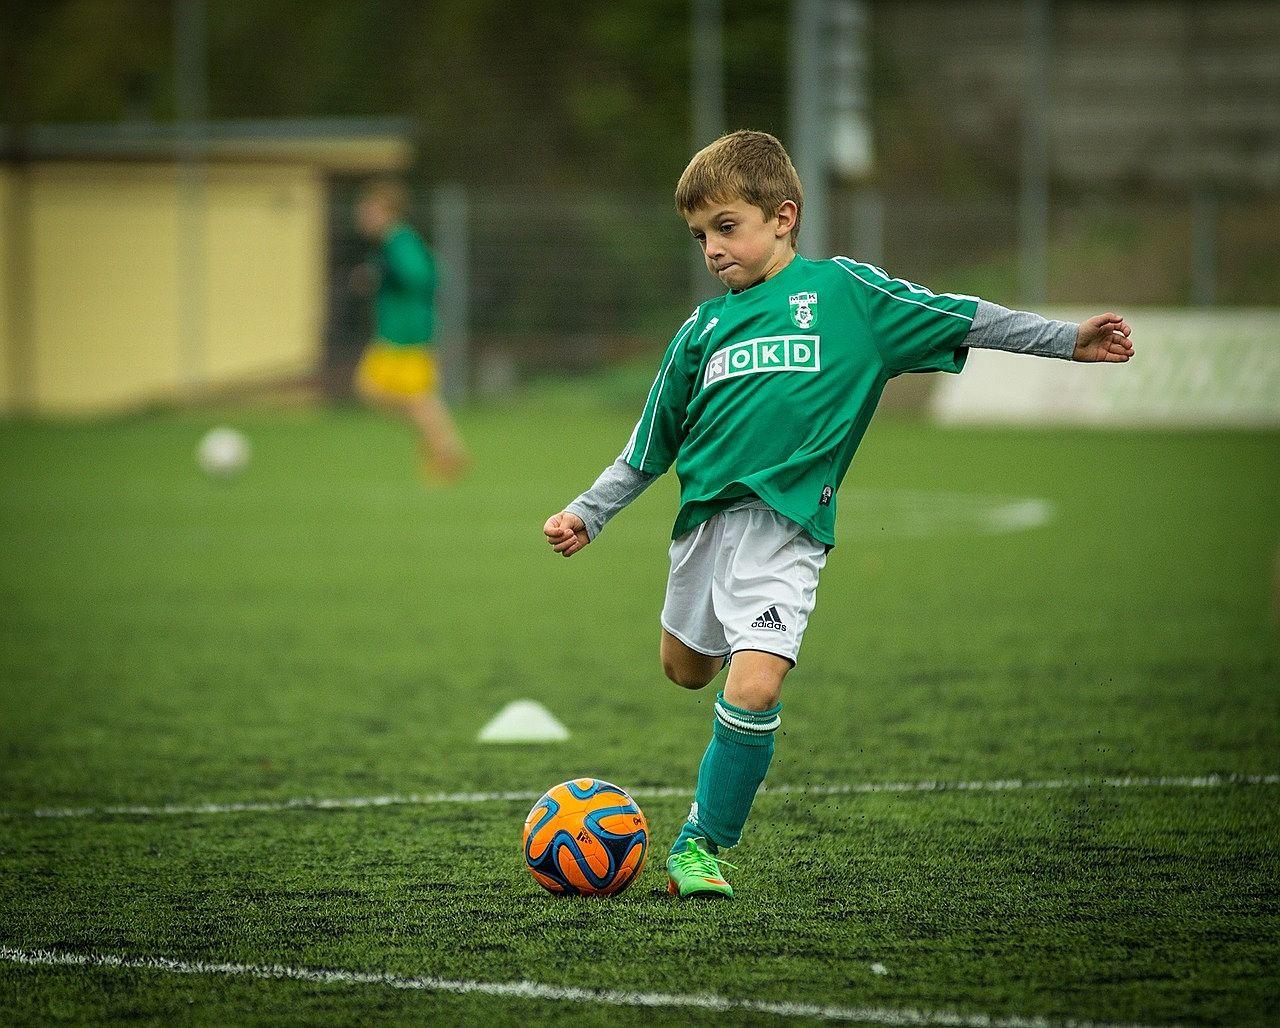 高島平でJリーガーの方からサッカーを教えてもらえるチャンスあり!